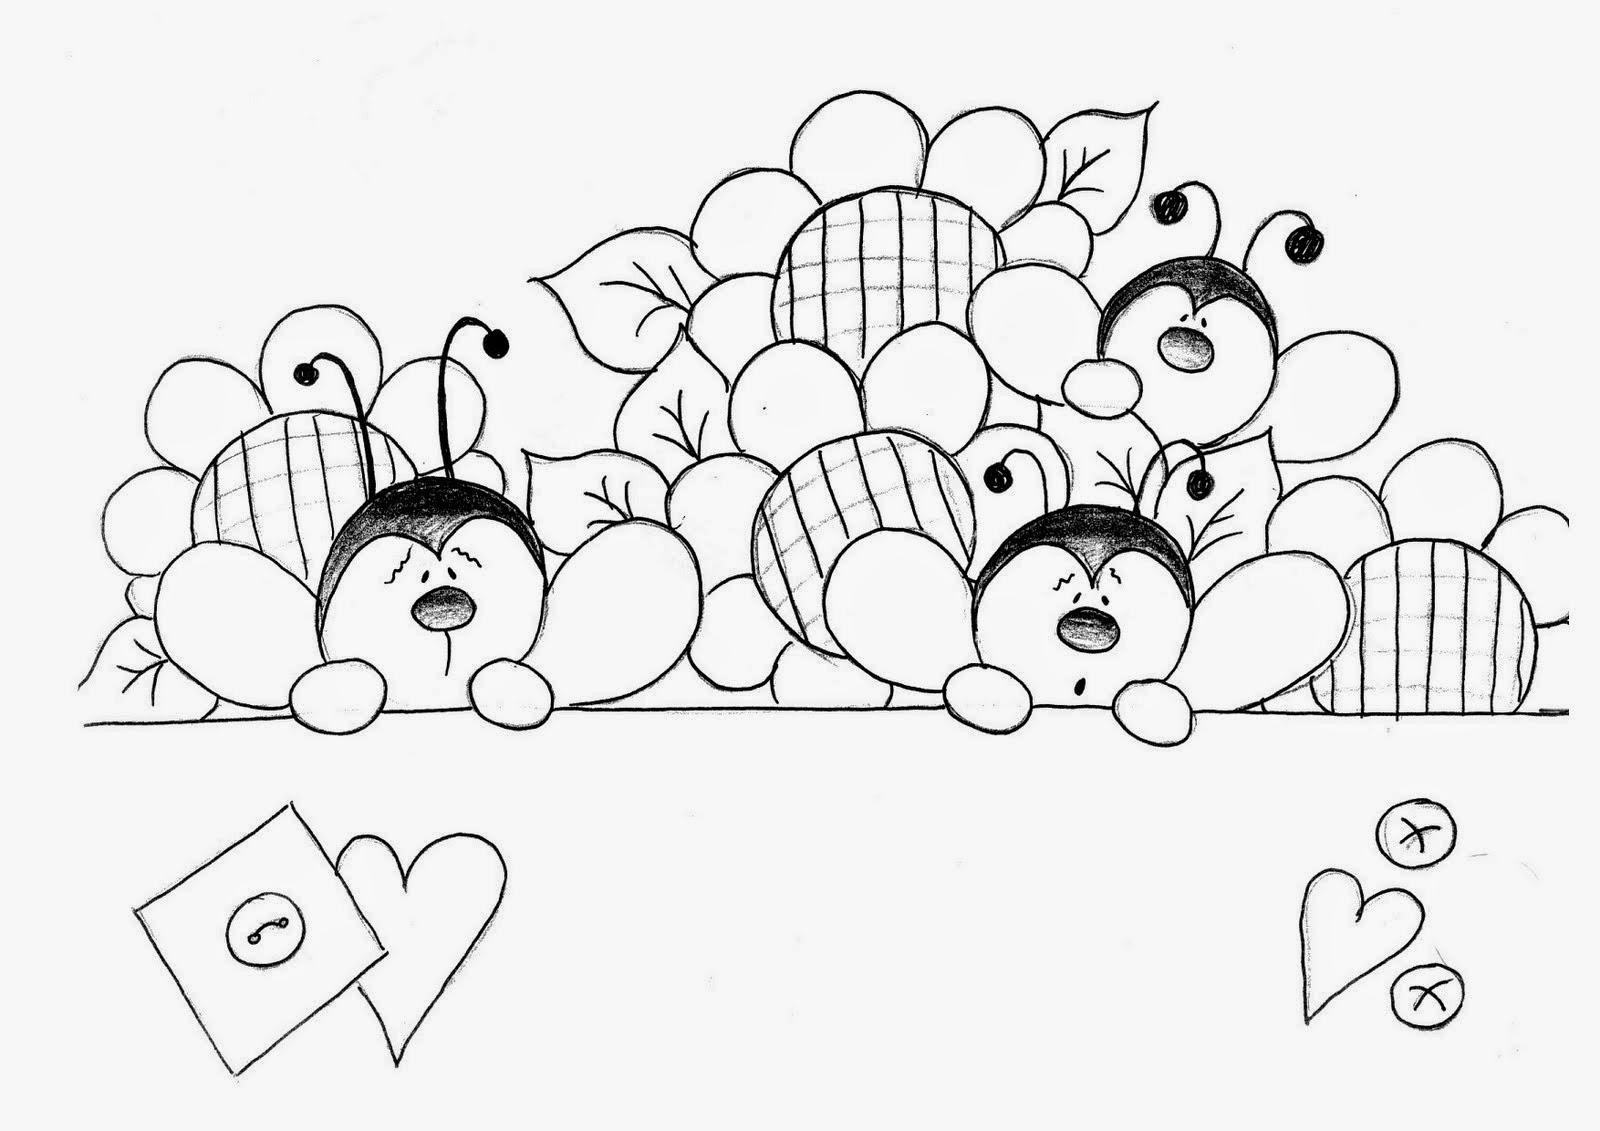 469081f3eb Muitos moldes e riscos de joaninhas, desenhos de joaninhas lindos para você  imprimir, colorir, pintar!